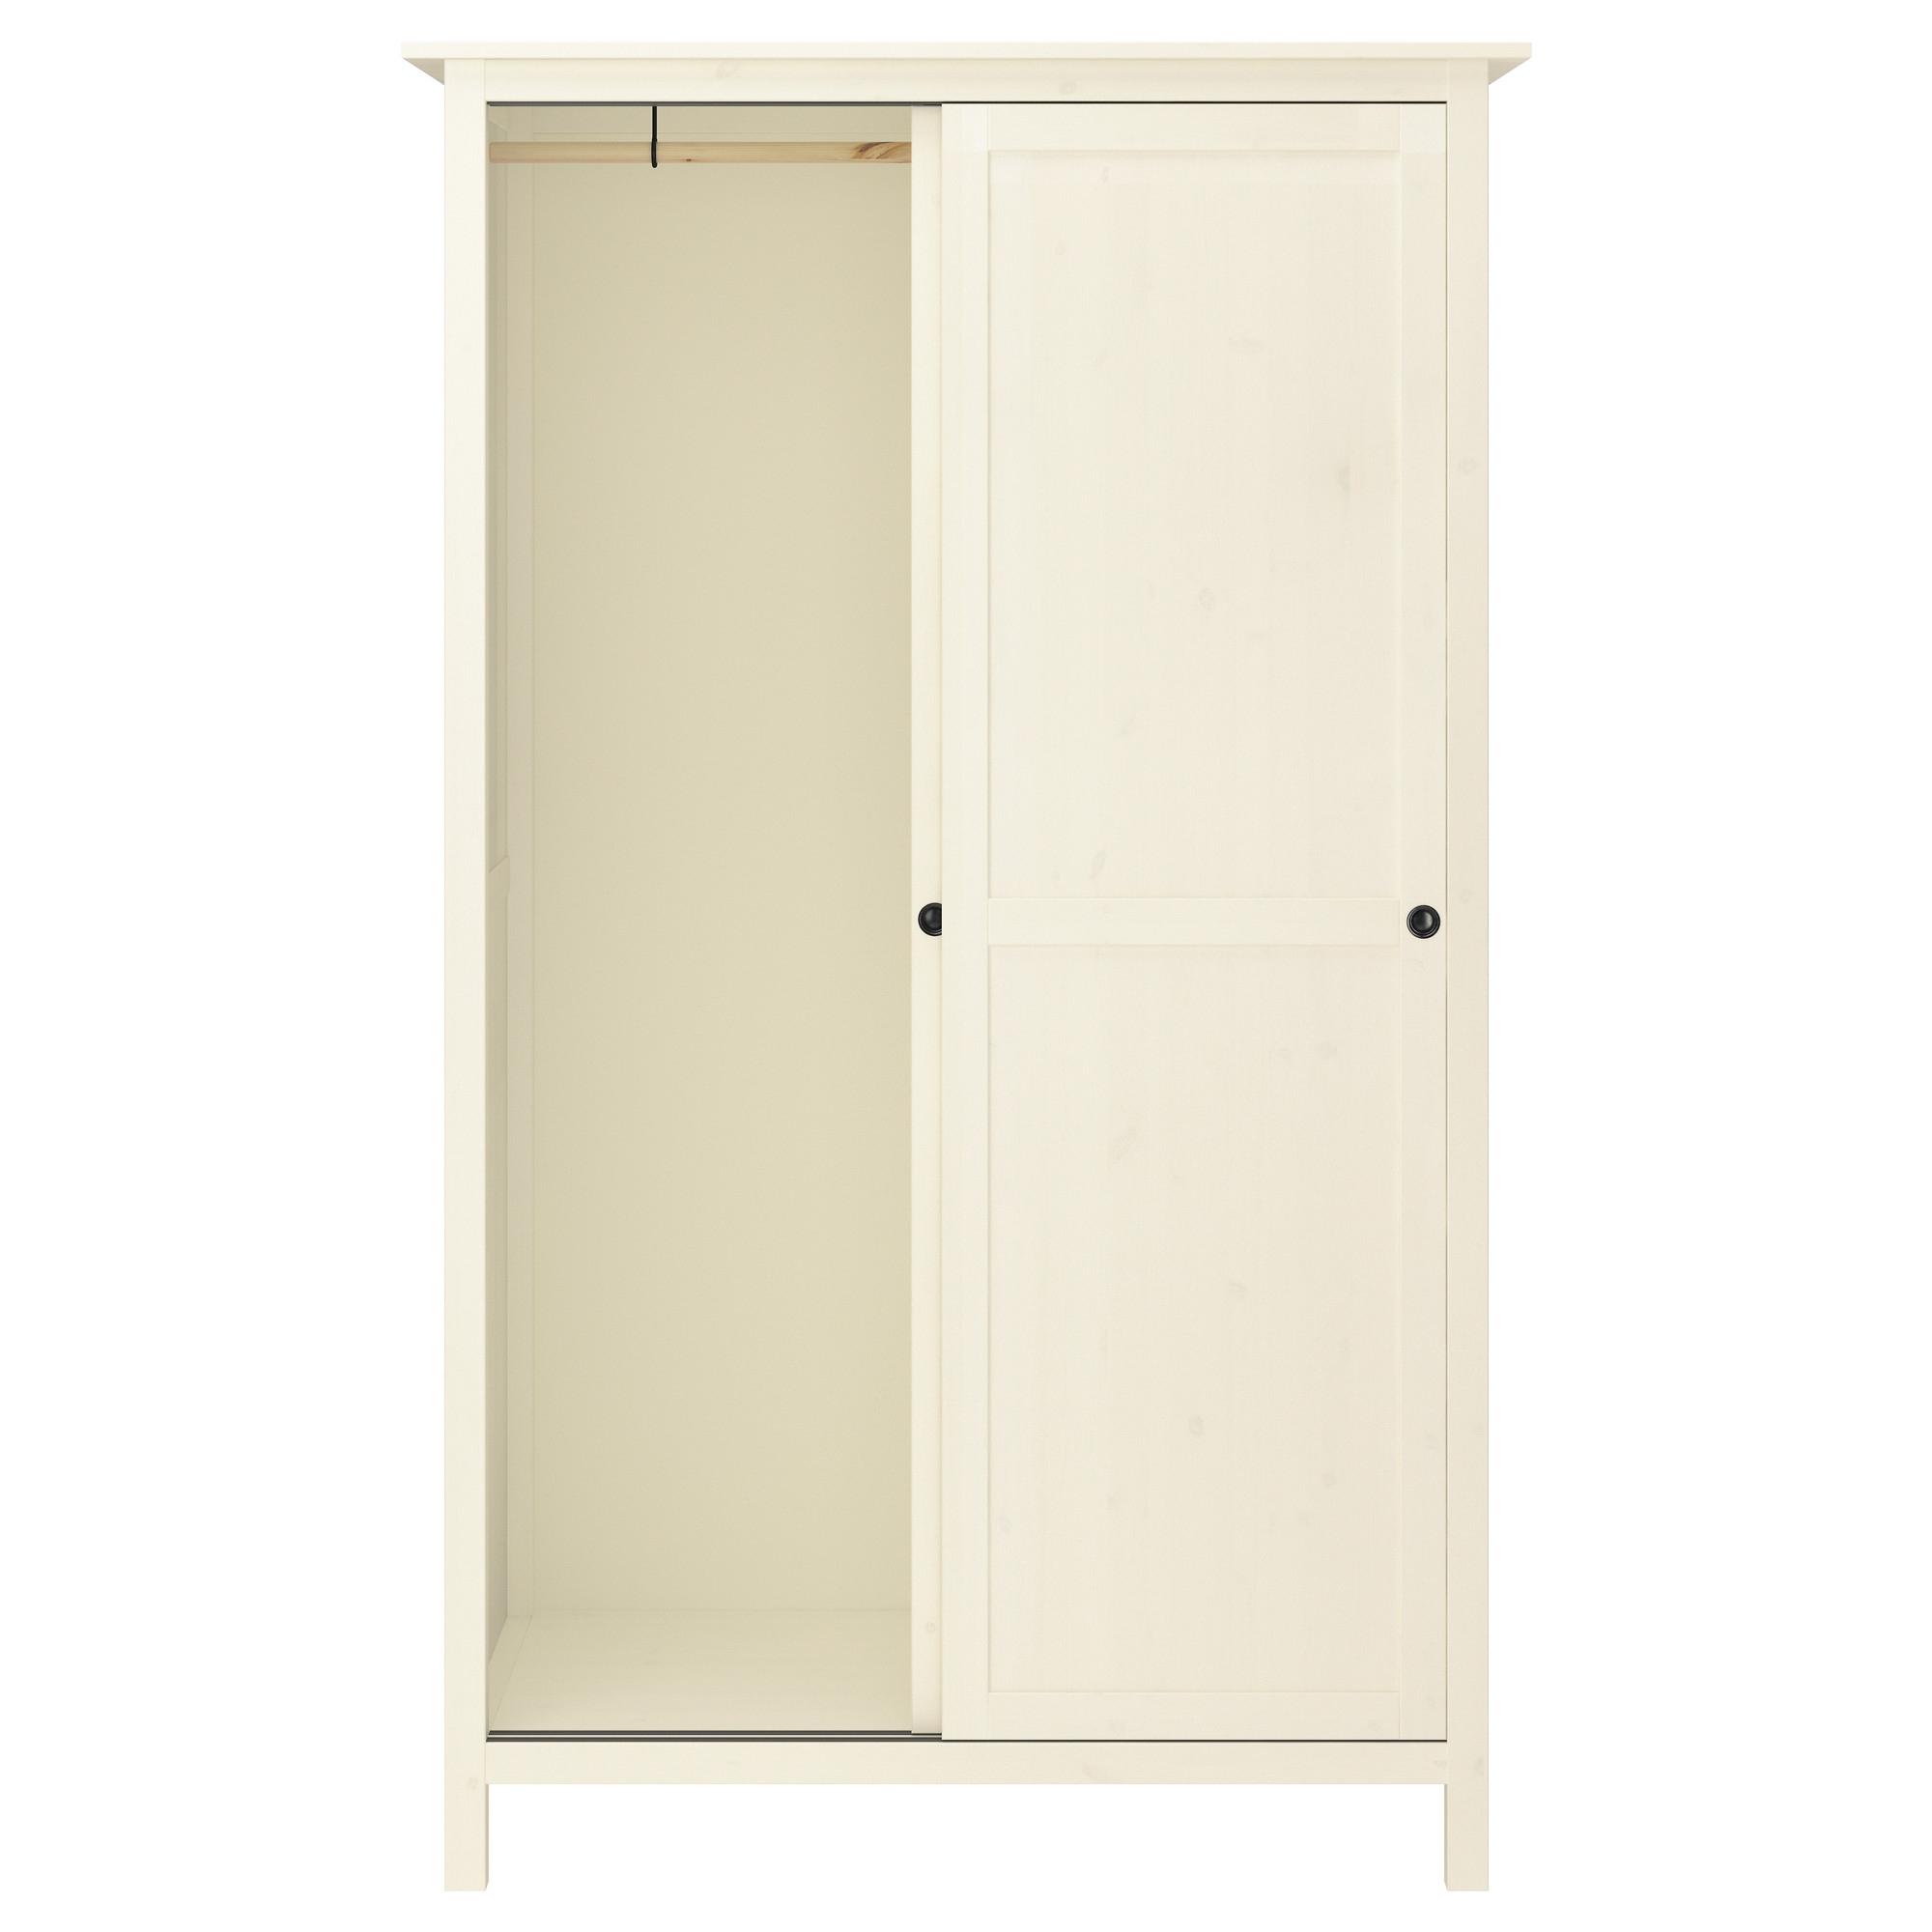 Hemnes armario 2 puertas correderas for Ikea puertas correderas